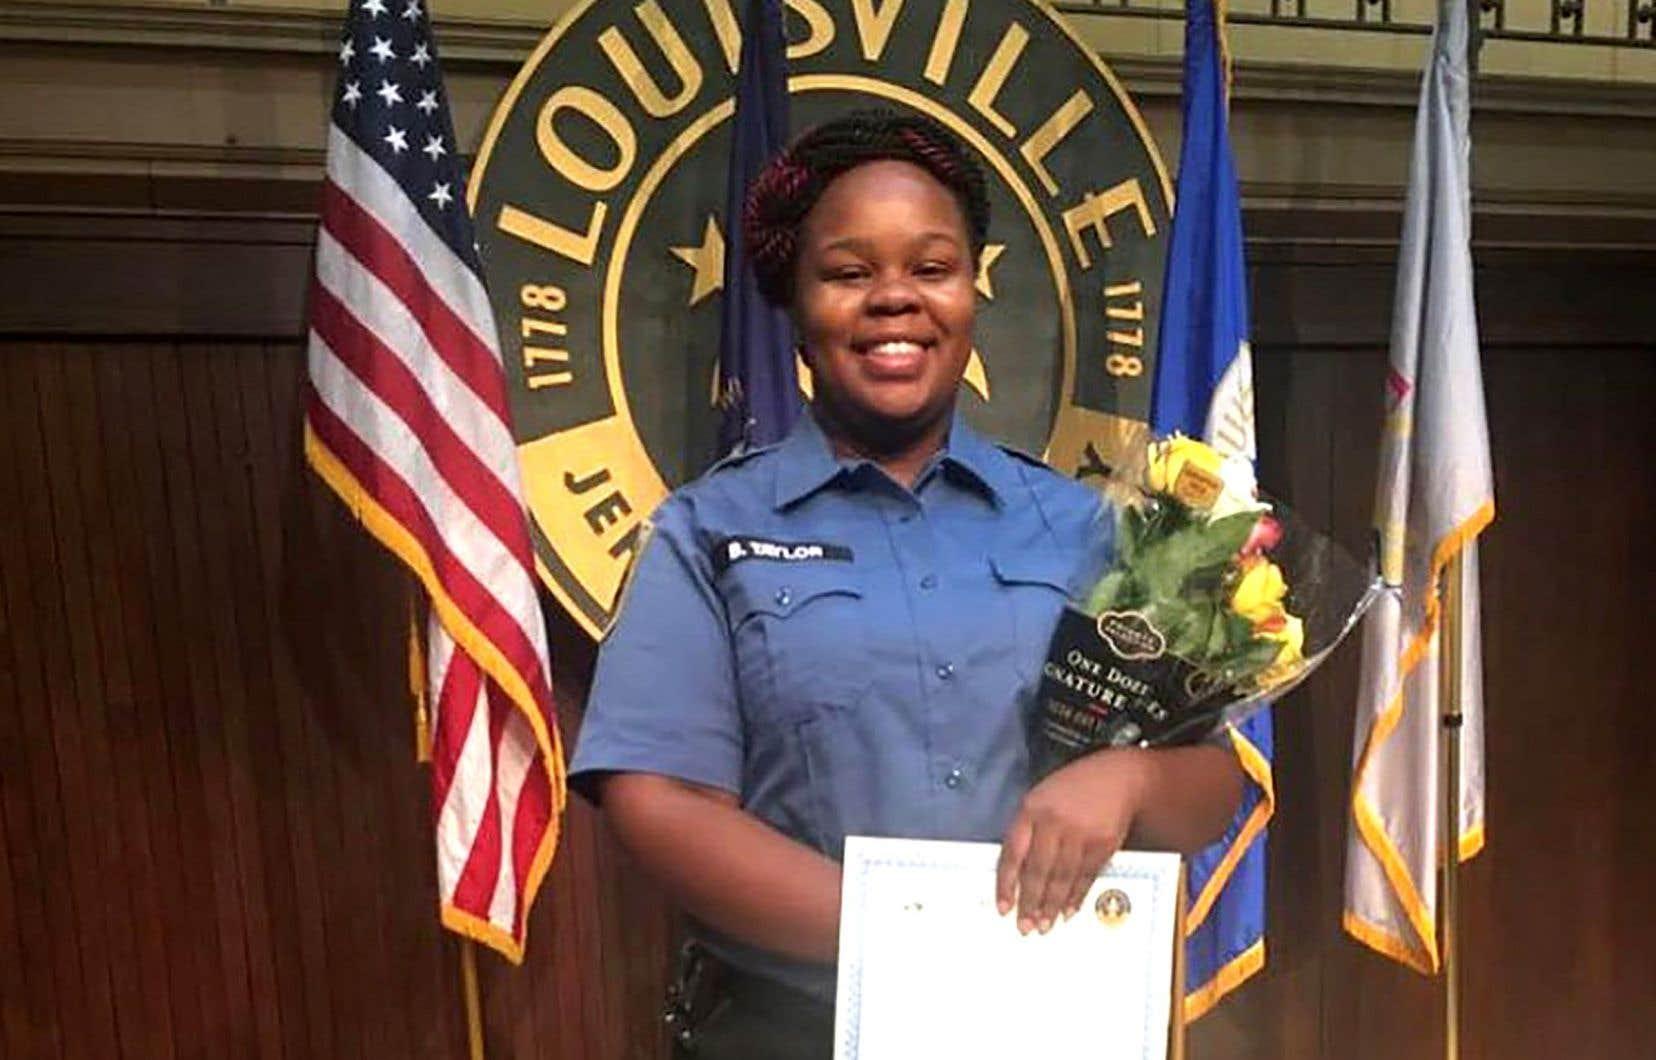 Breonna Taylor est morte le 13 mars dernier lorsque des policiers ont fait irruption dans son appartement durant la nuit et lui ont tiré dessus.